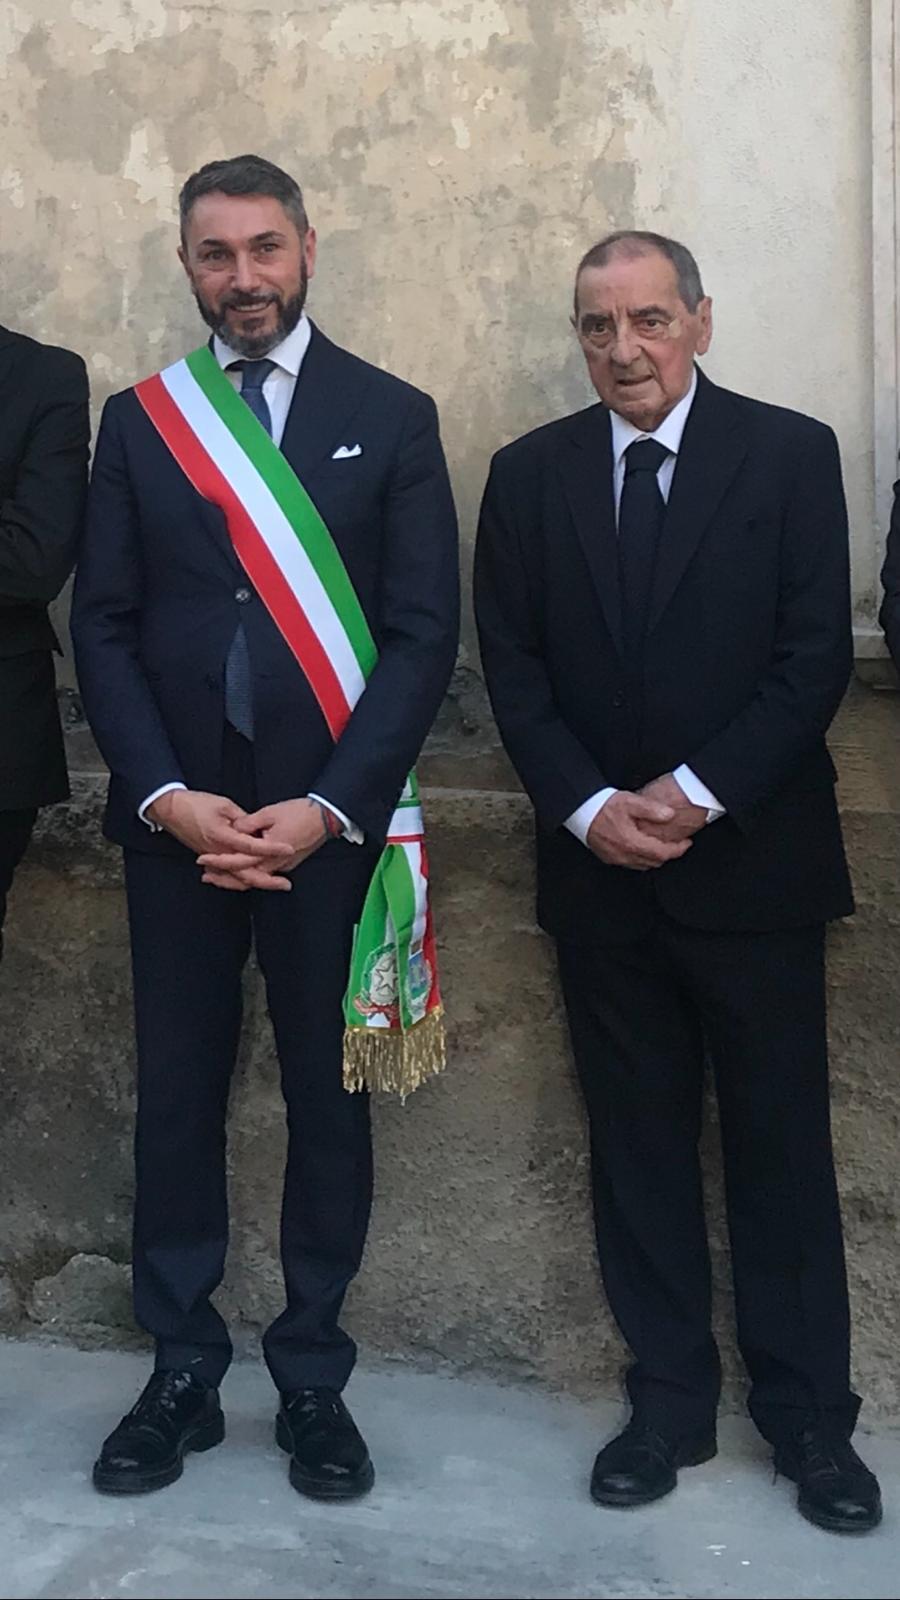 Si è spento Angelo Paoluzzi, giornalista e cittadino onorario di Tagliacozzo